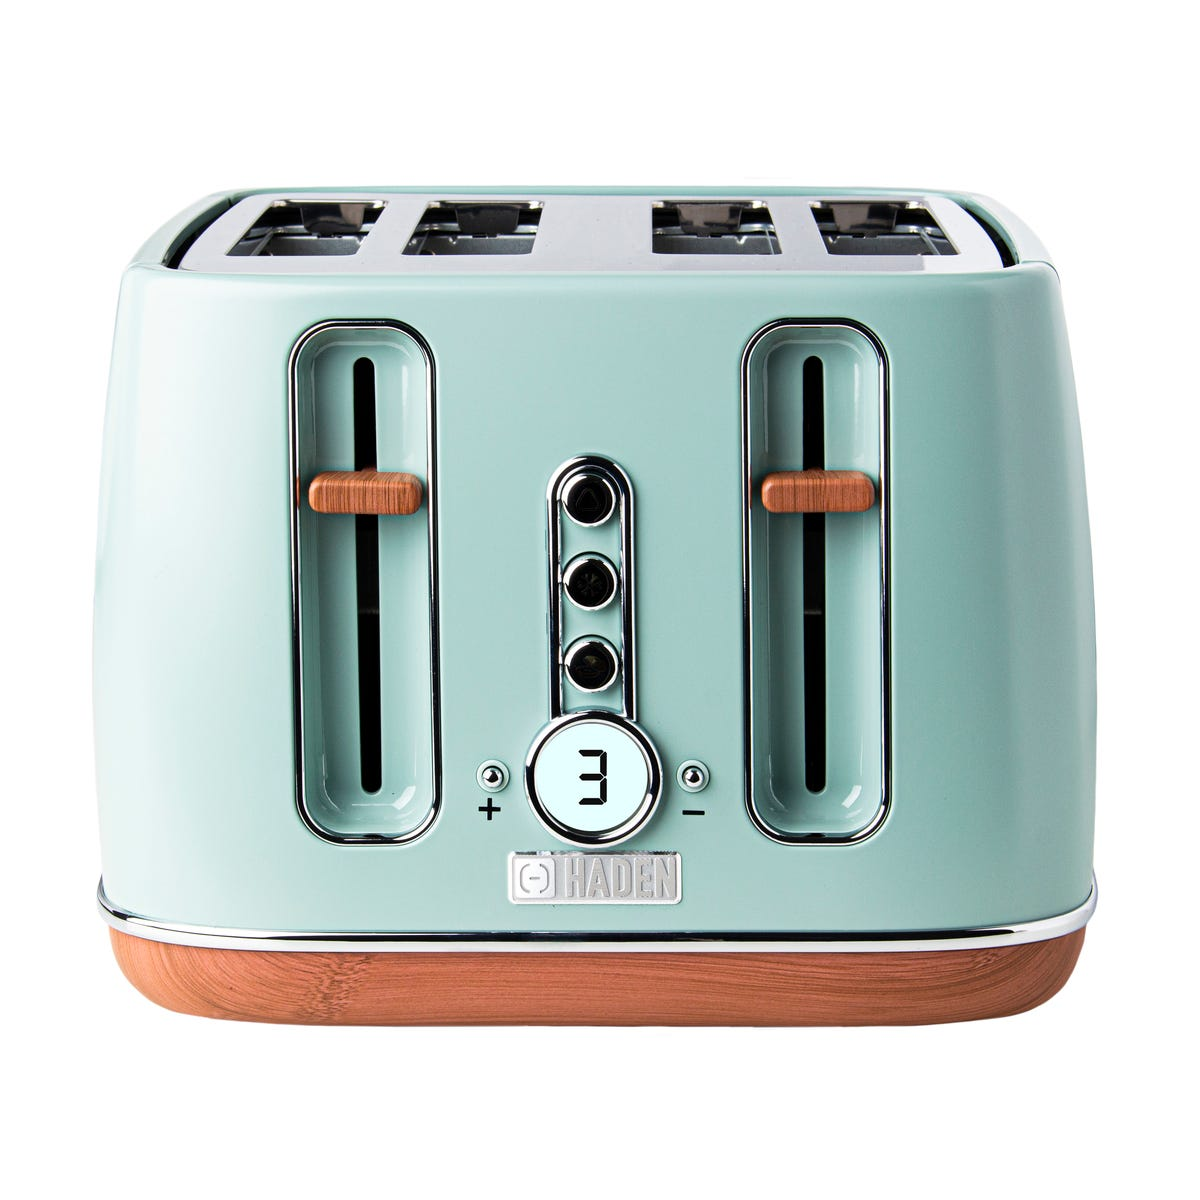 Haden Dorchester 2300W 4 Slice Wide Slot Toaster - Sage Green